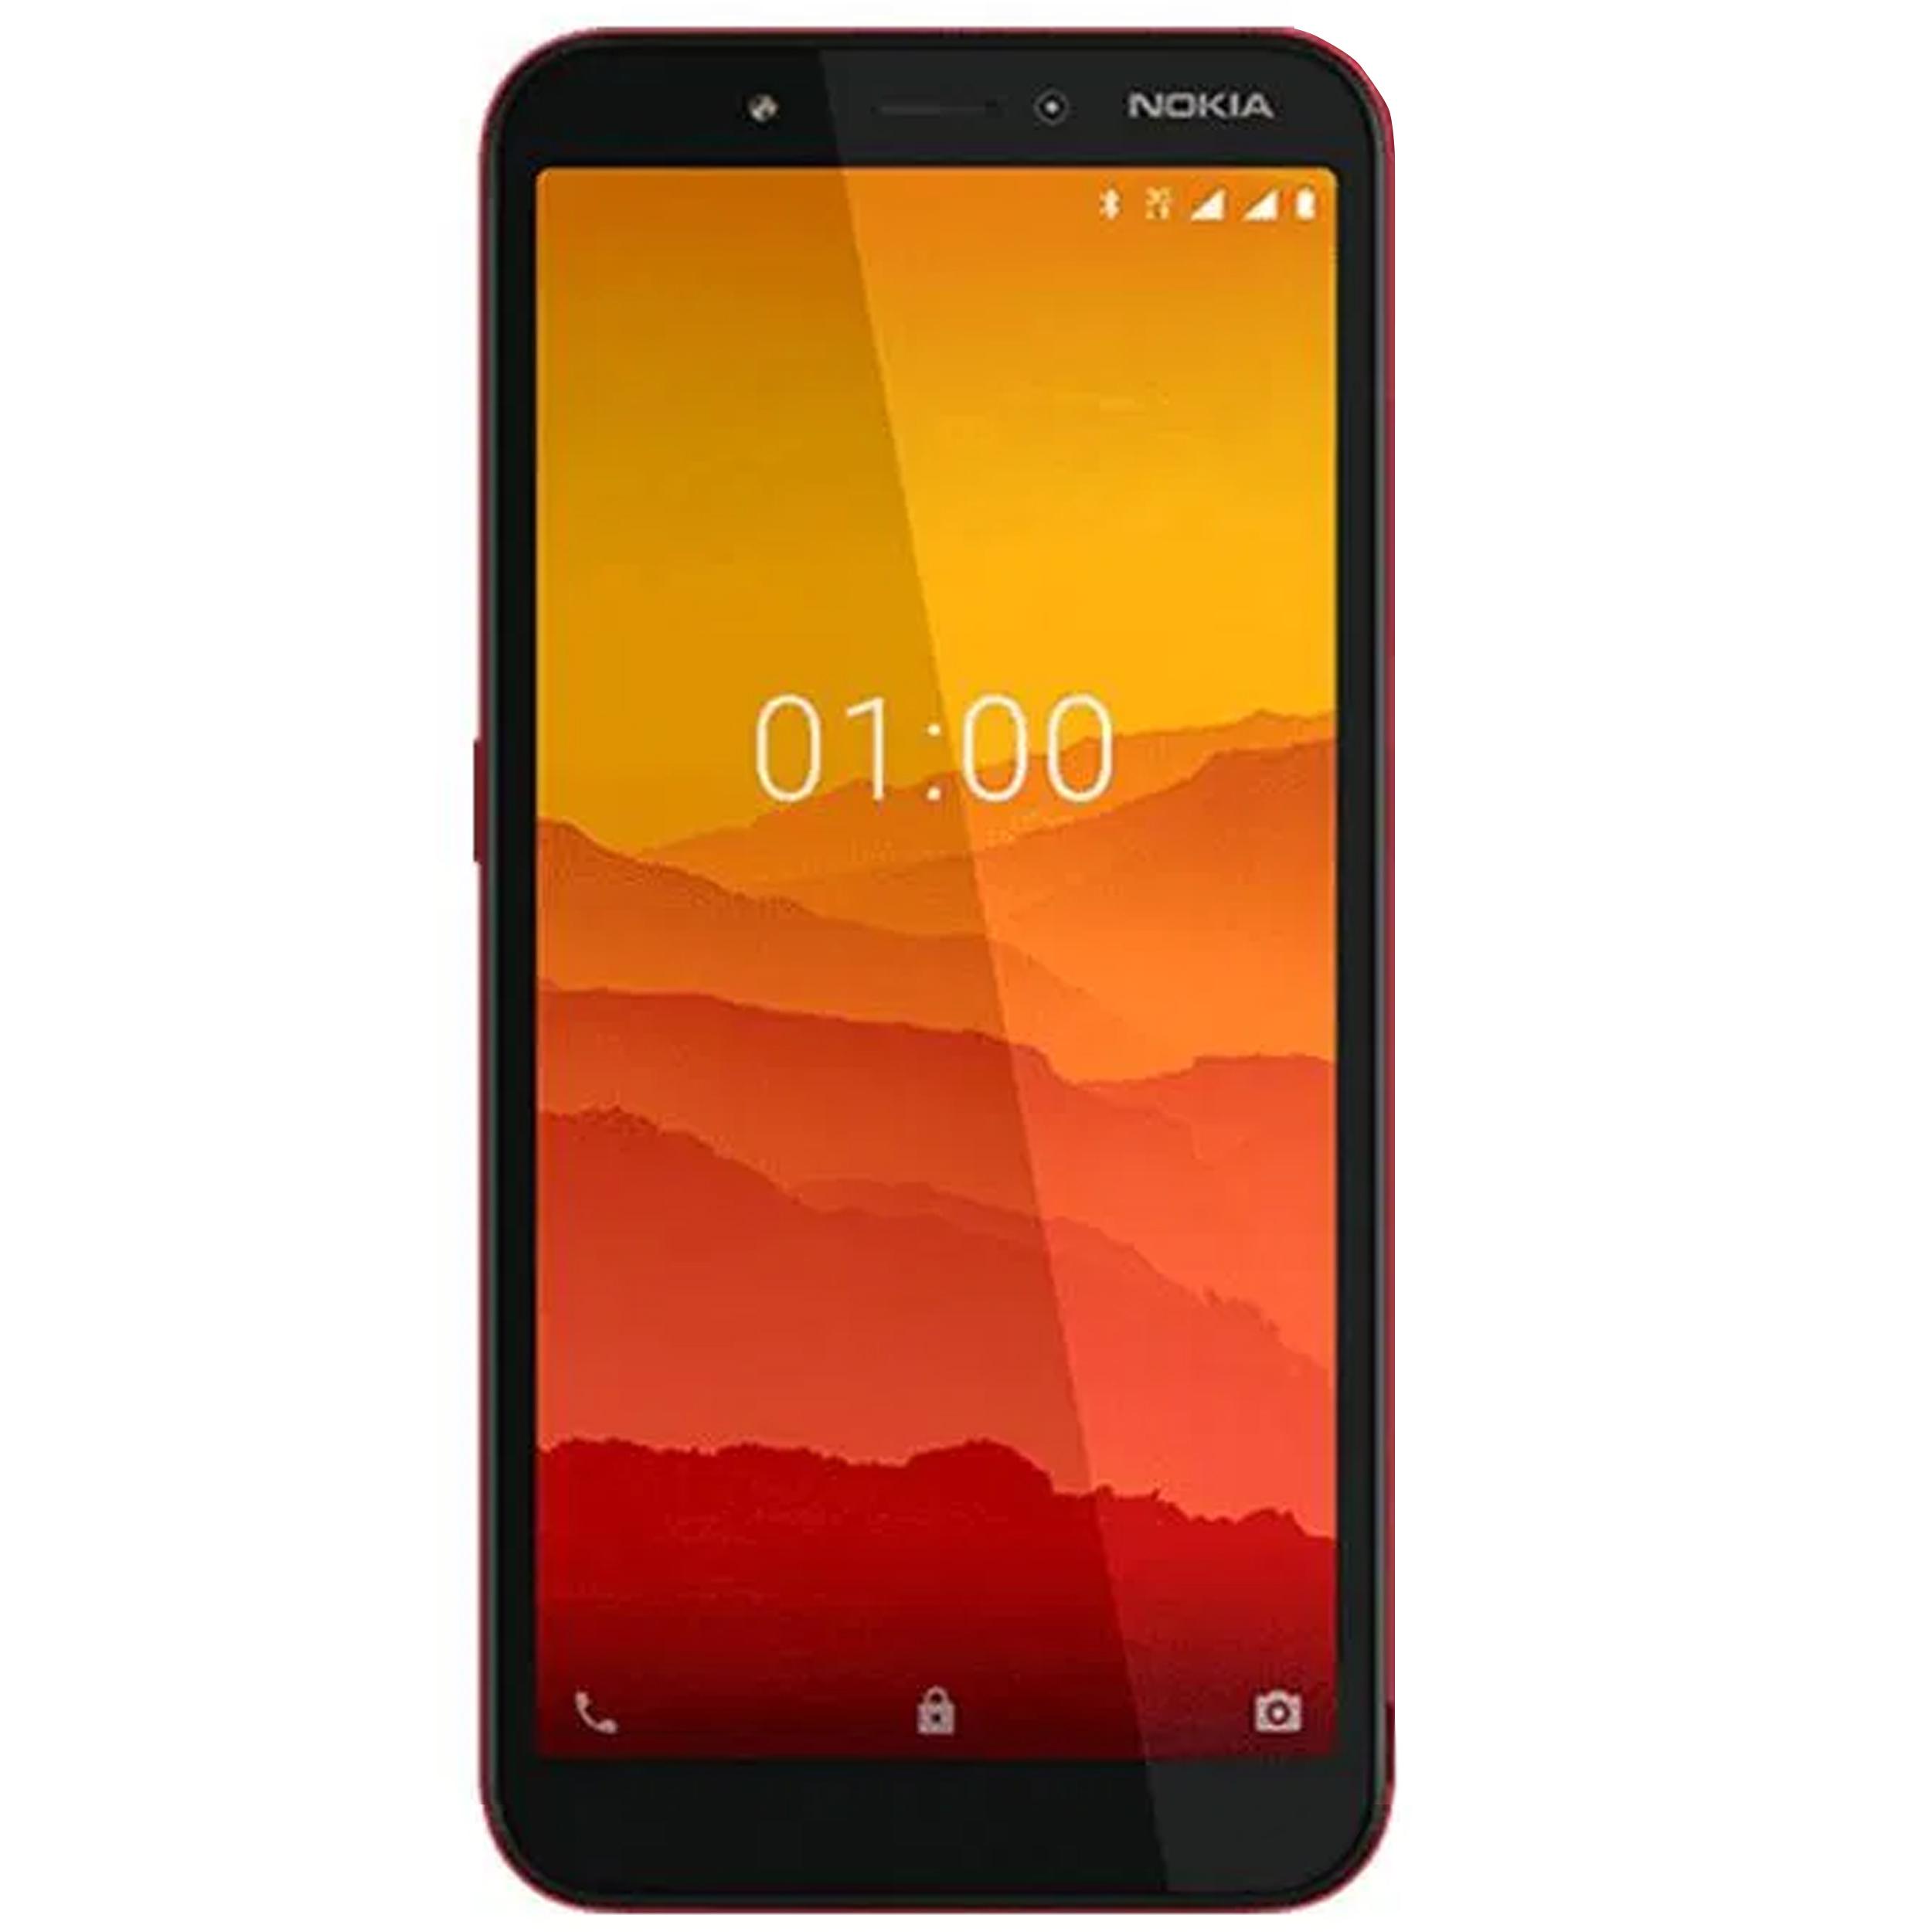 فروش نقدی و اقساطی گوشی موبایل نوکیا مدل C1 TA-1165 دوسیم کارت ظرفیت 16 گیگابایت